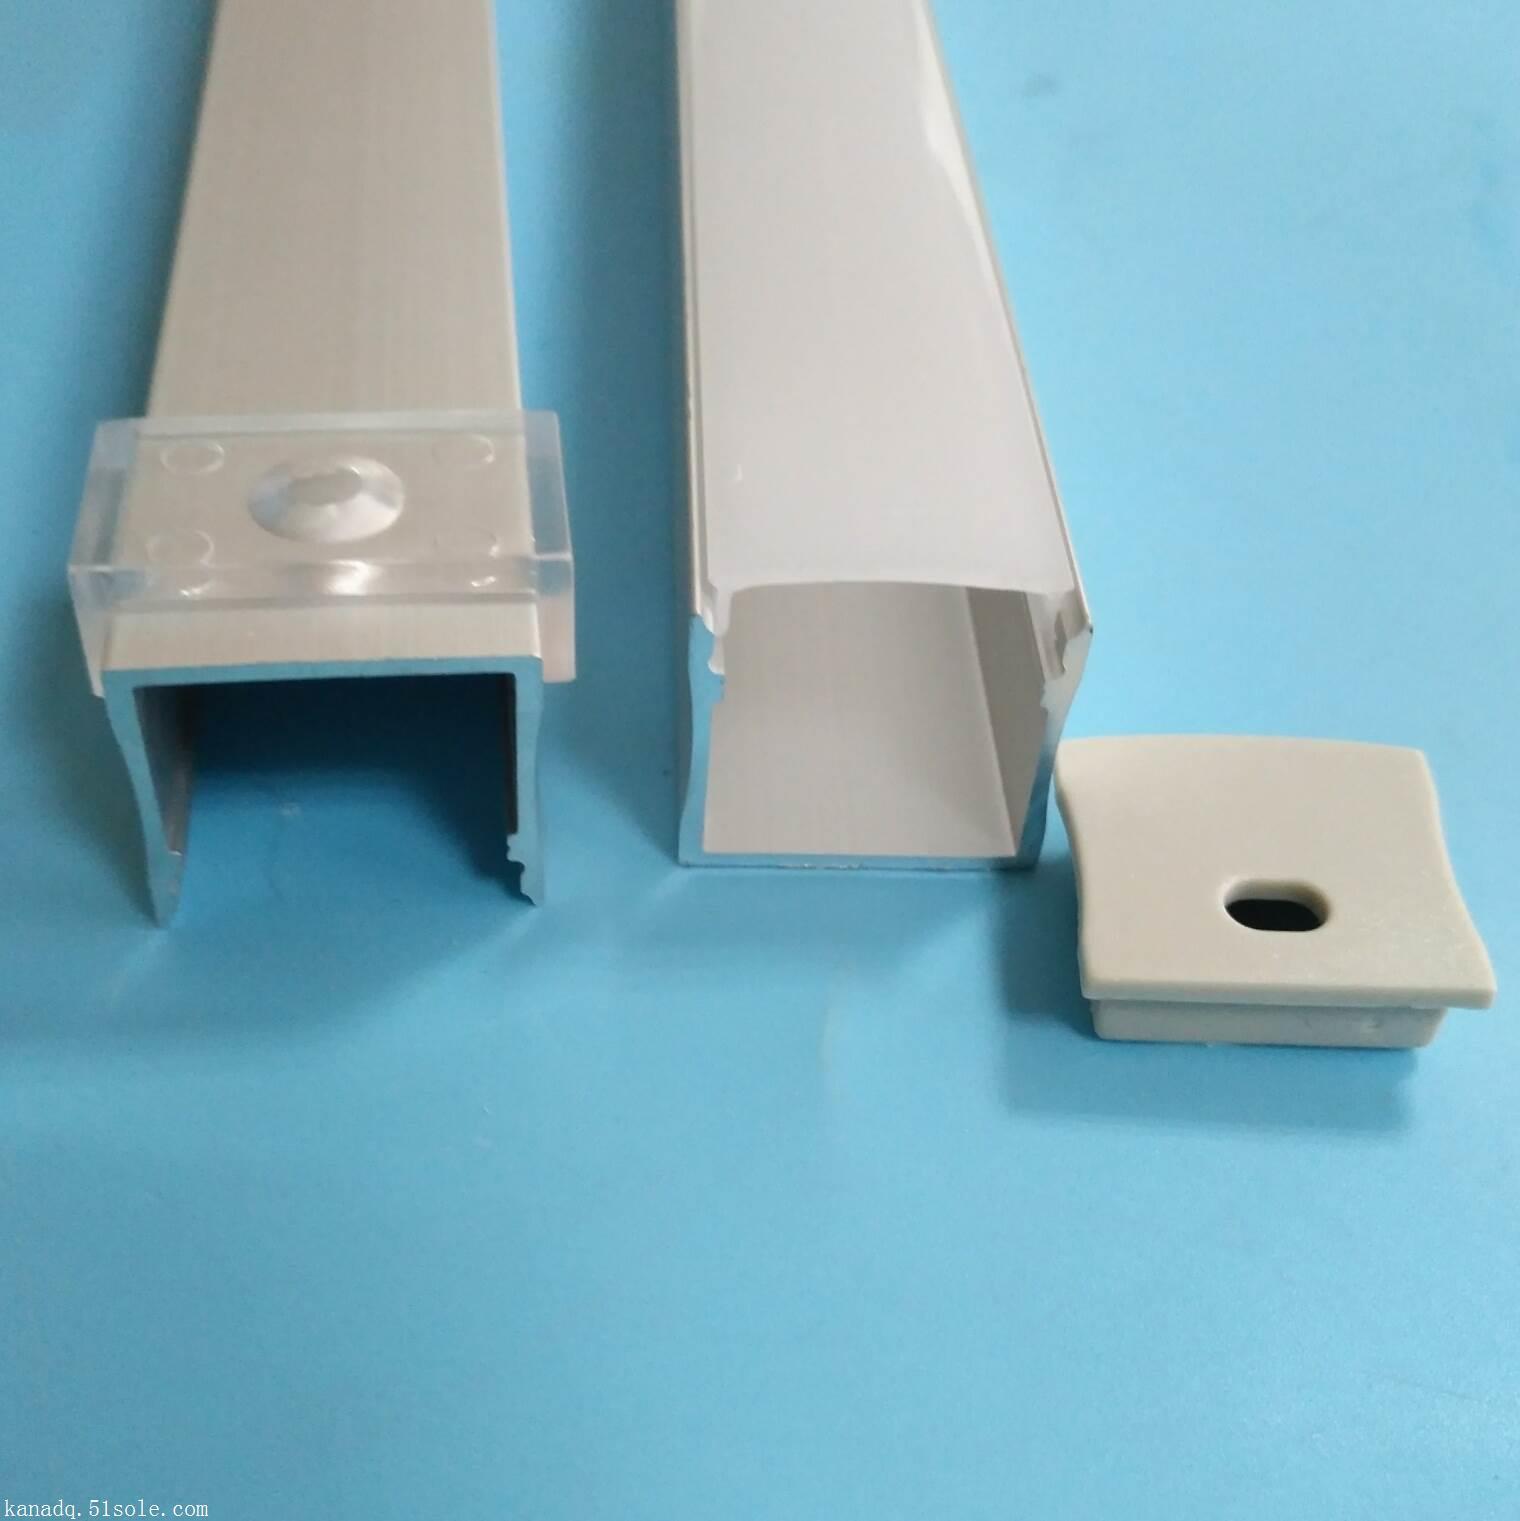 室内外灯条铝槽批发,硬灯条铝槽外壳, 橱柜灯铝槽套件